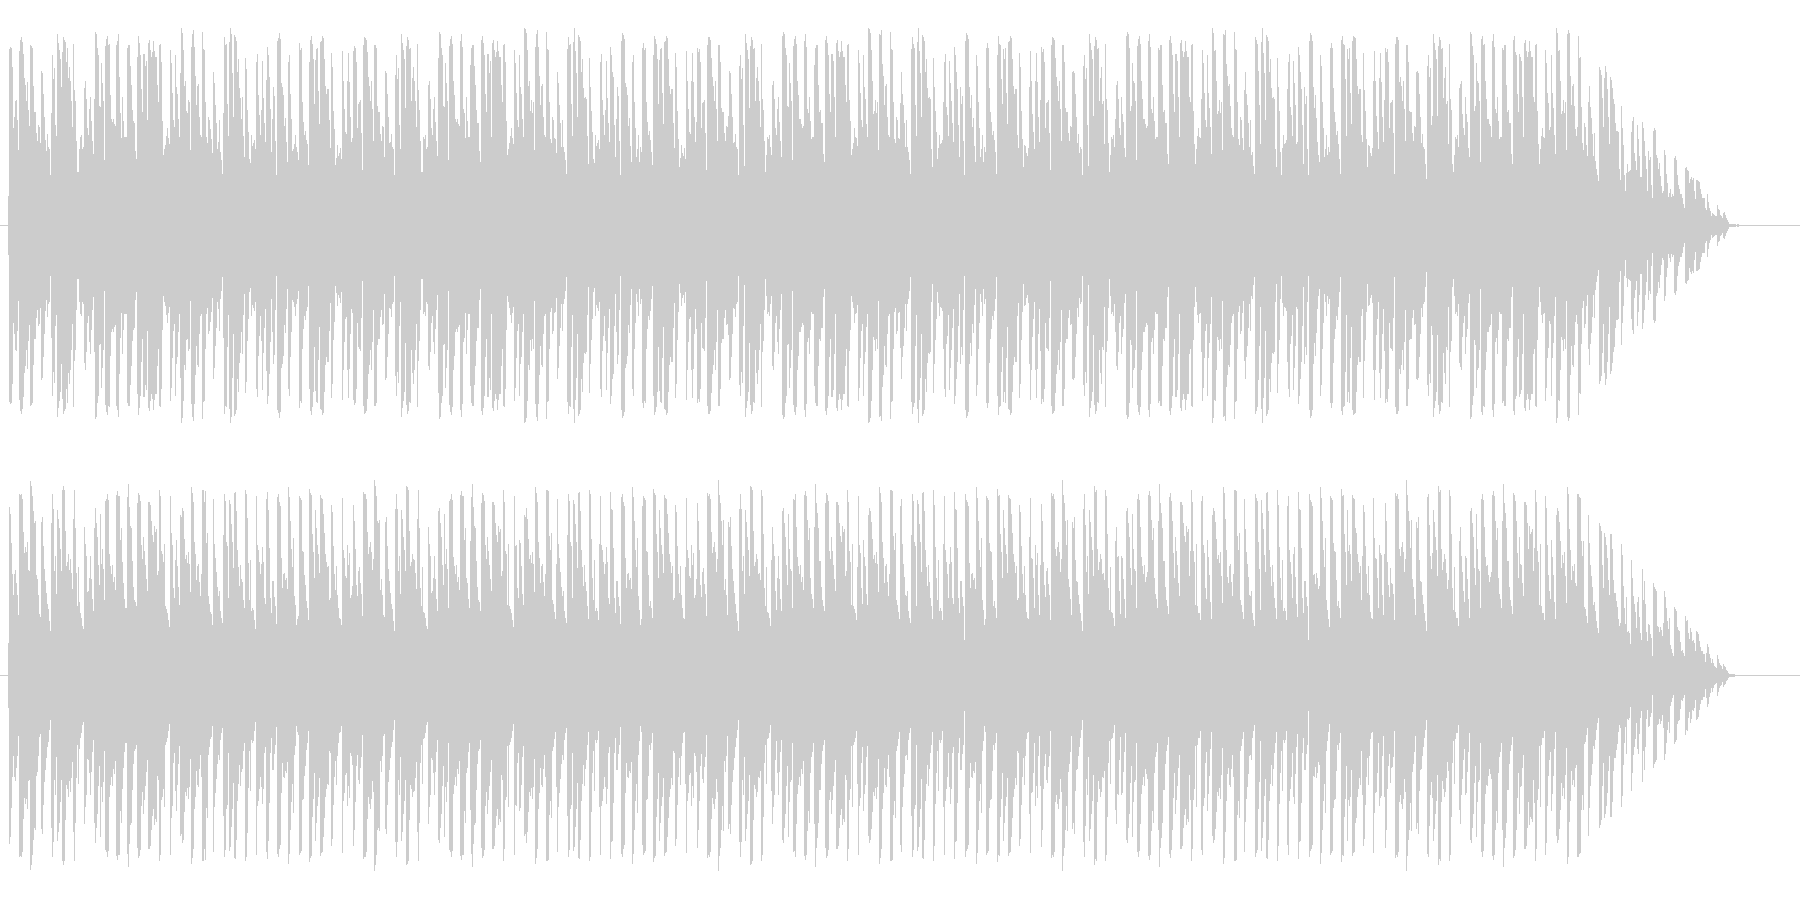 ほのぼのかわいいメロディの未再生の波形